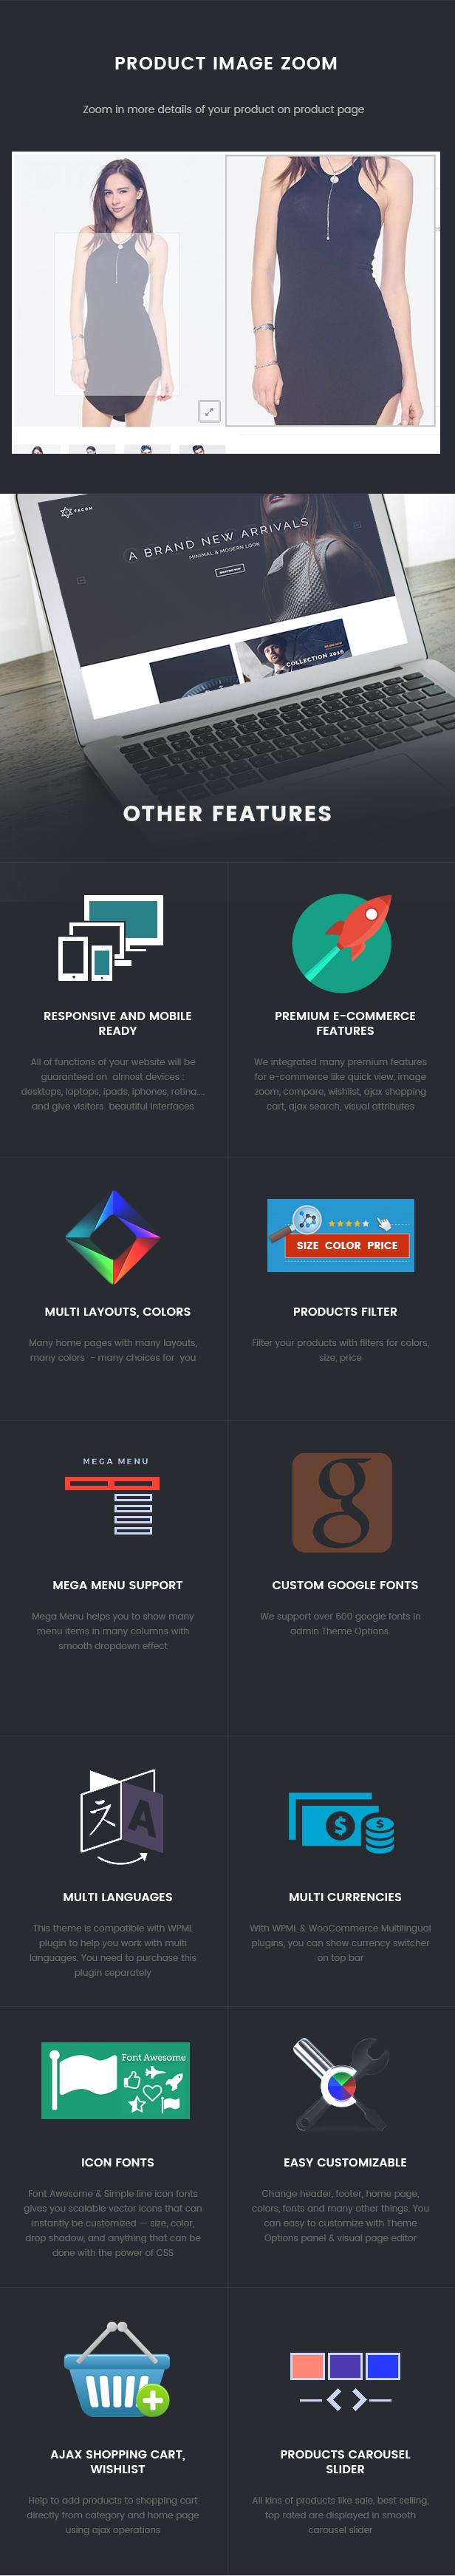 Facon - Fashion Responsive WordPress Theme 27